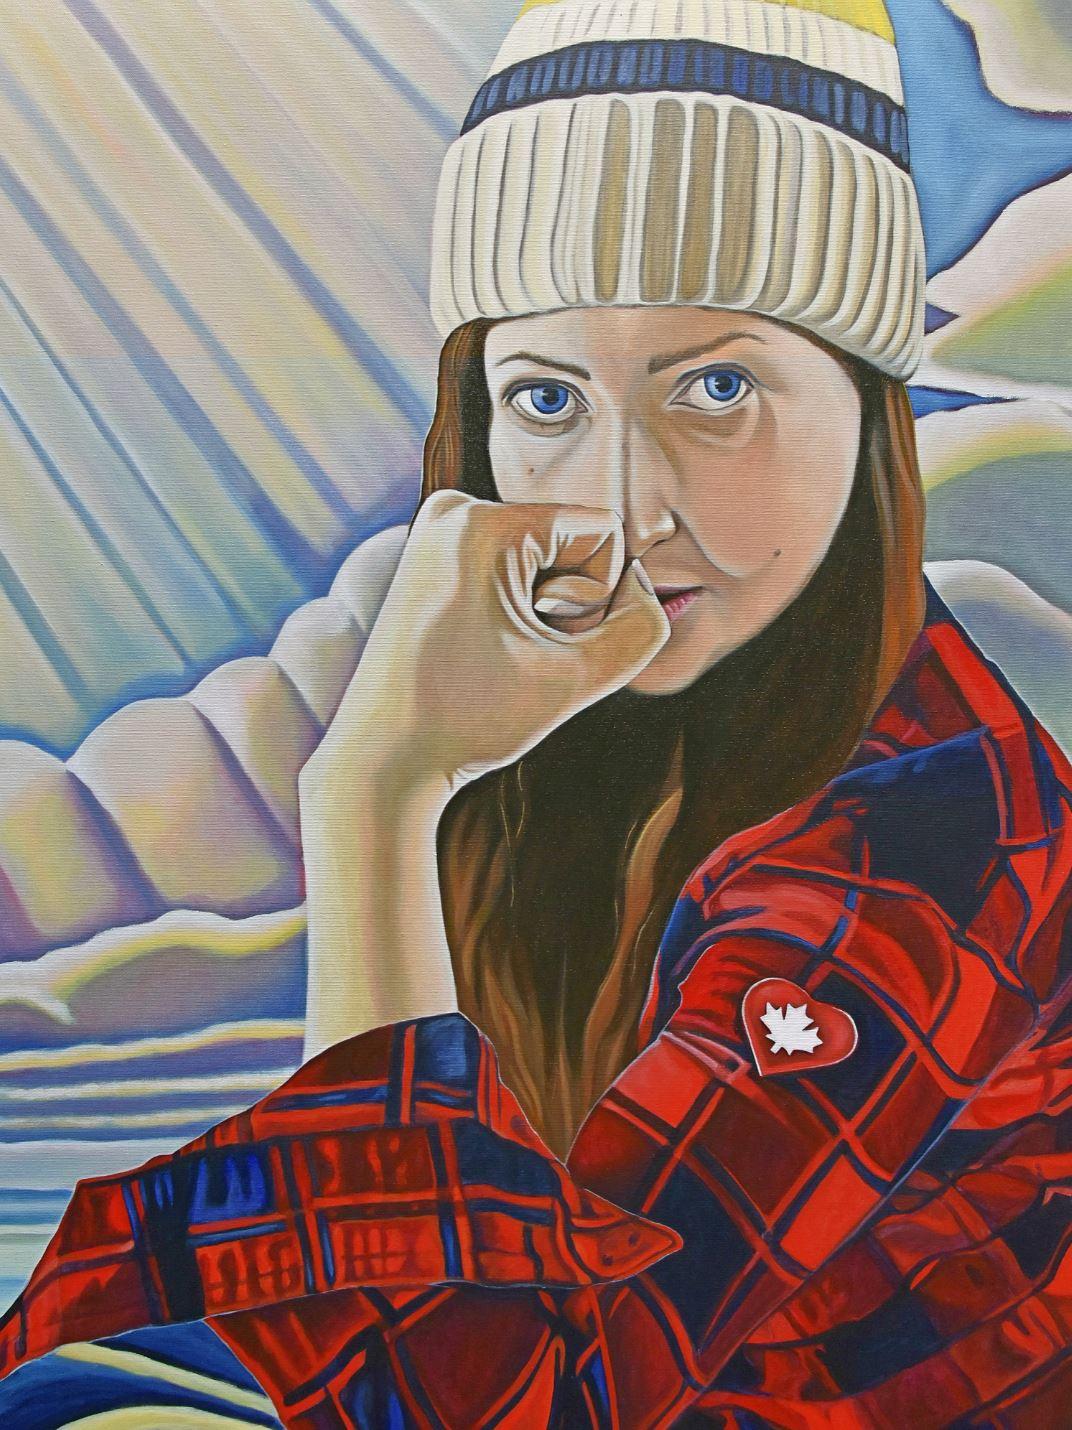 self portrait of Canadian pop artist Brandy Saturley against Lawren Harris skies